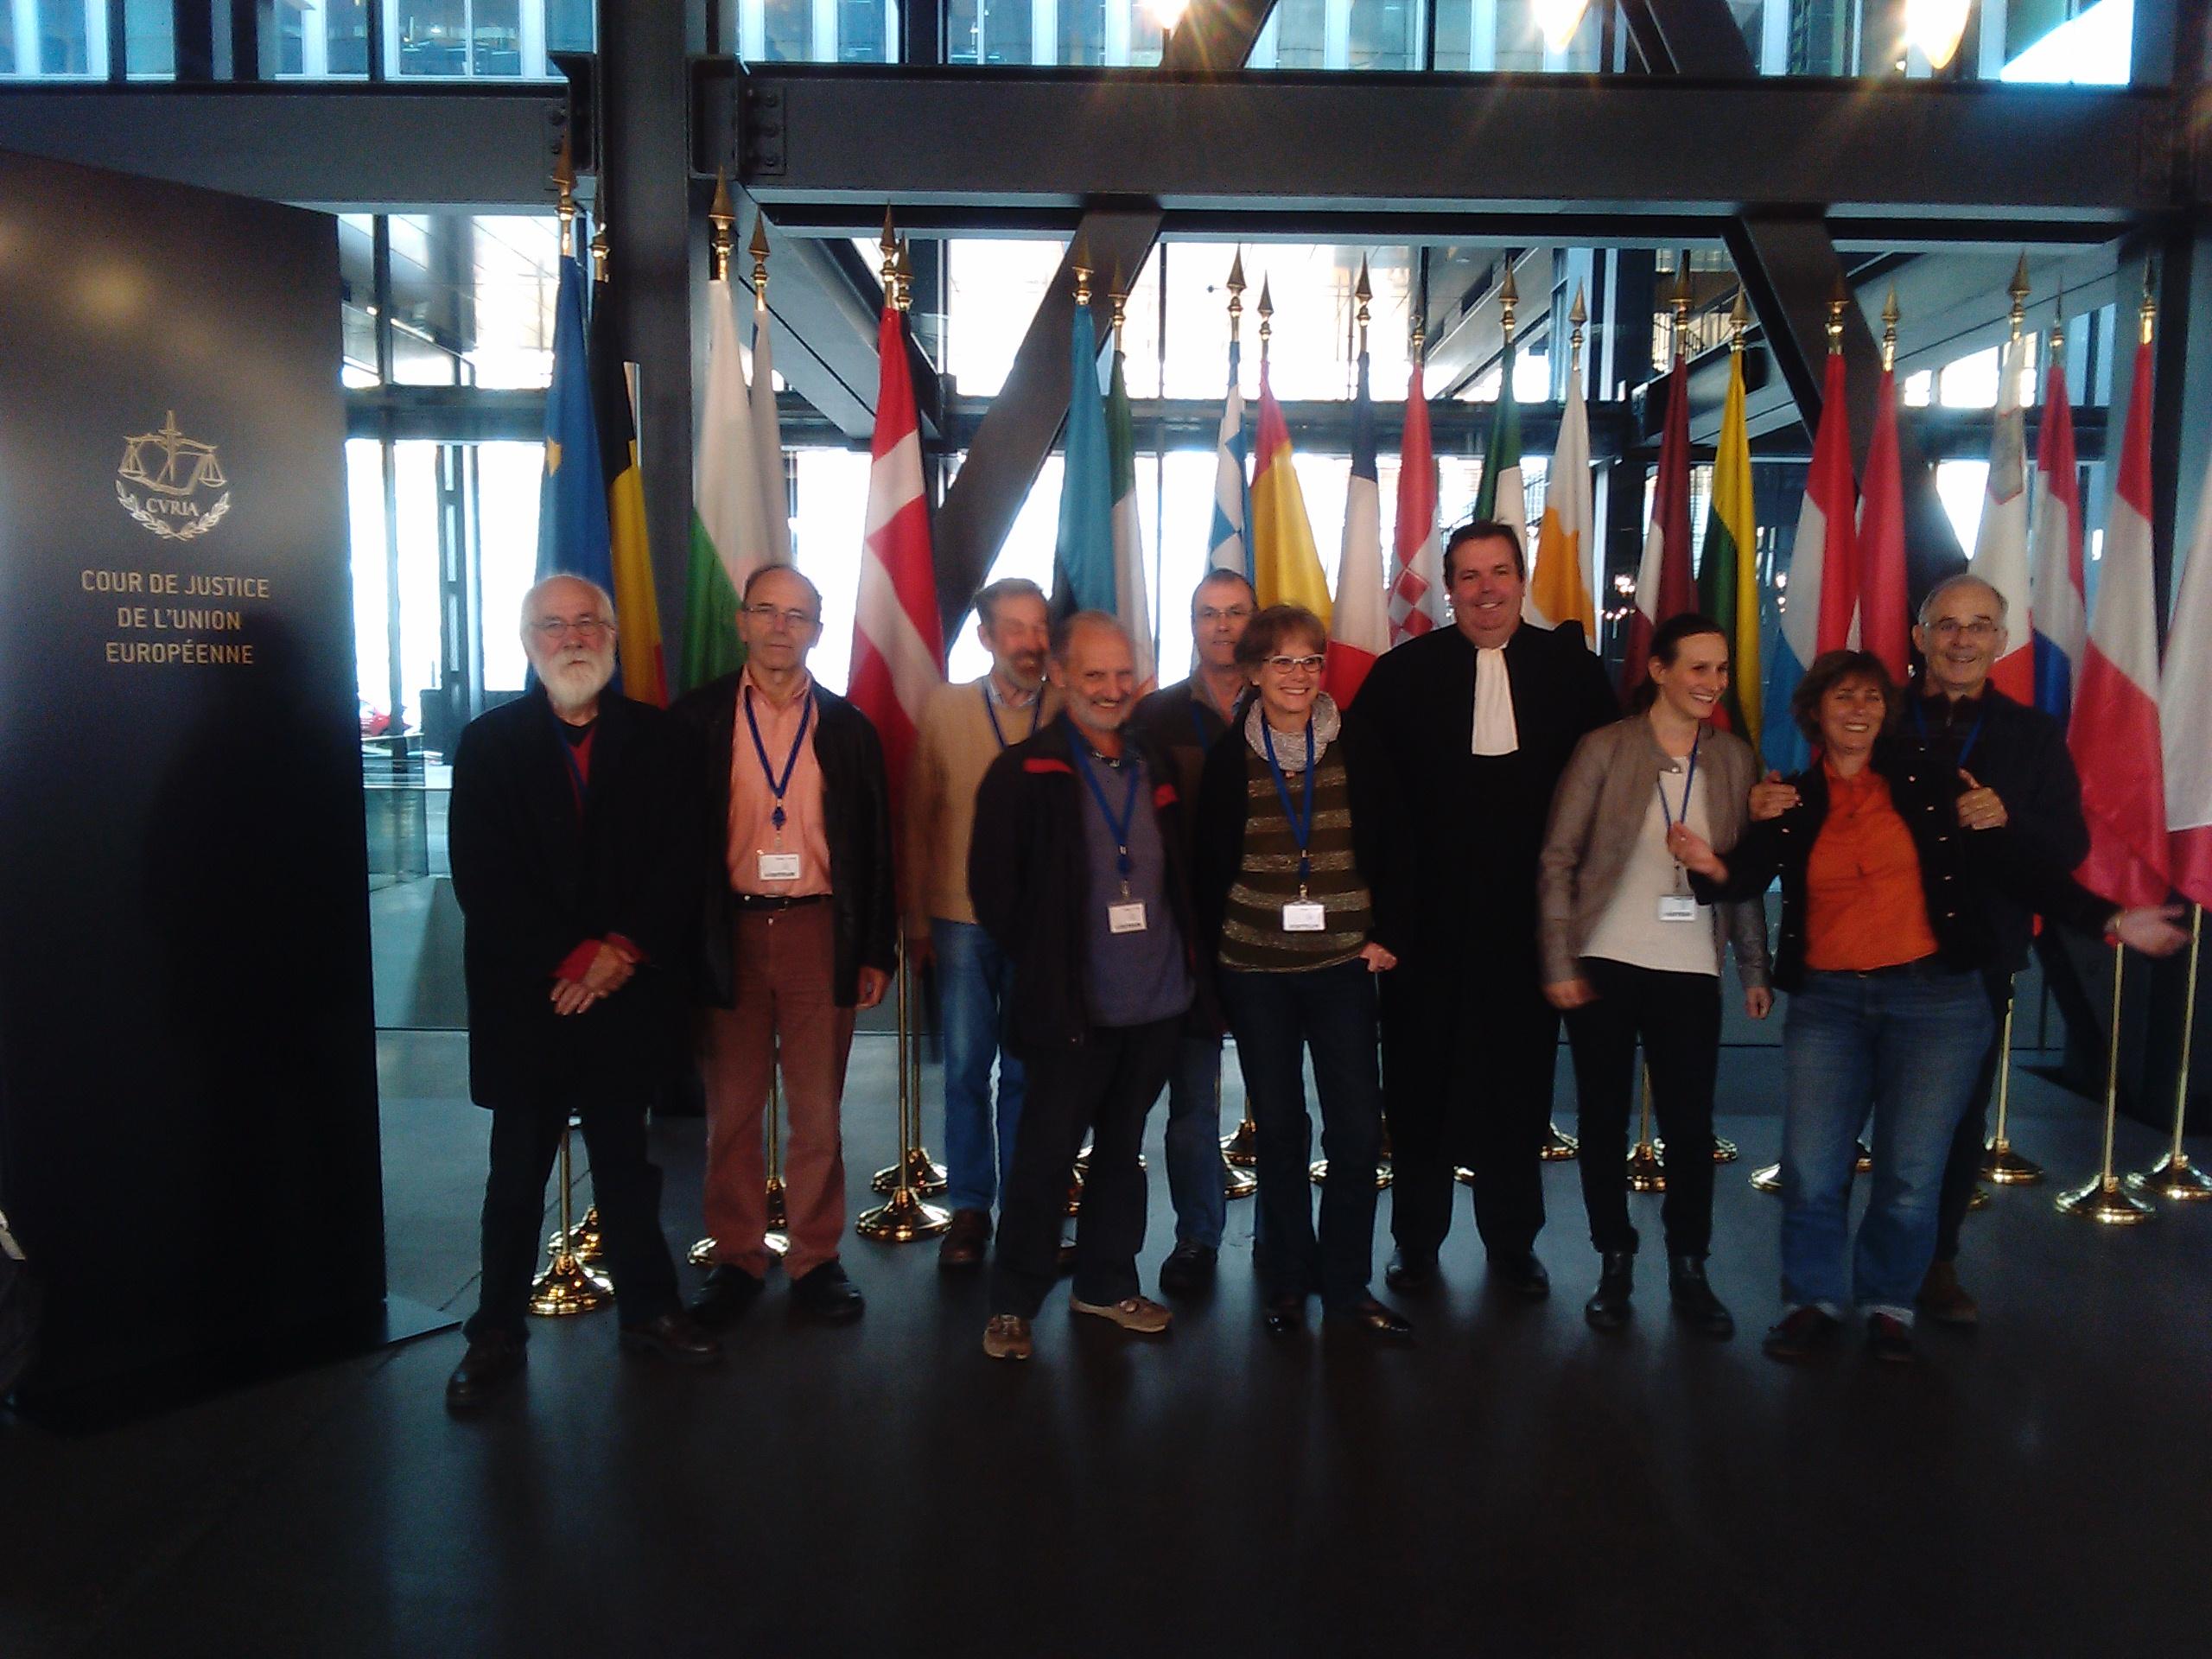 OGM mutagenèse: l'arrêt de la Cour de justice de l'union européenne vient d'être rendu, une grande victoire pour les protecteurs de l'environnement.